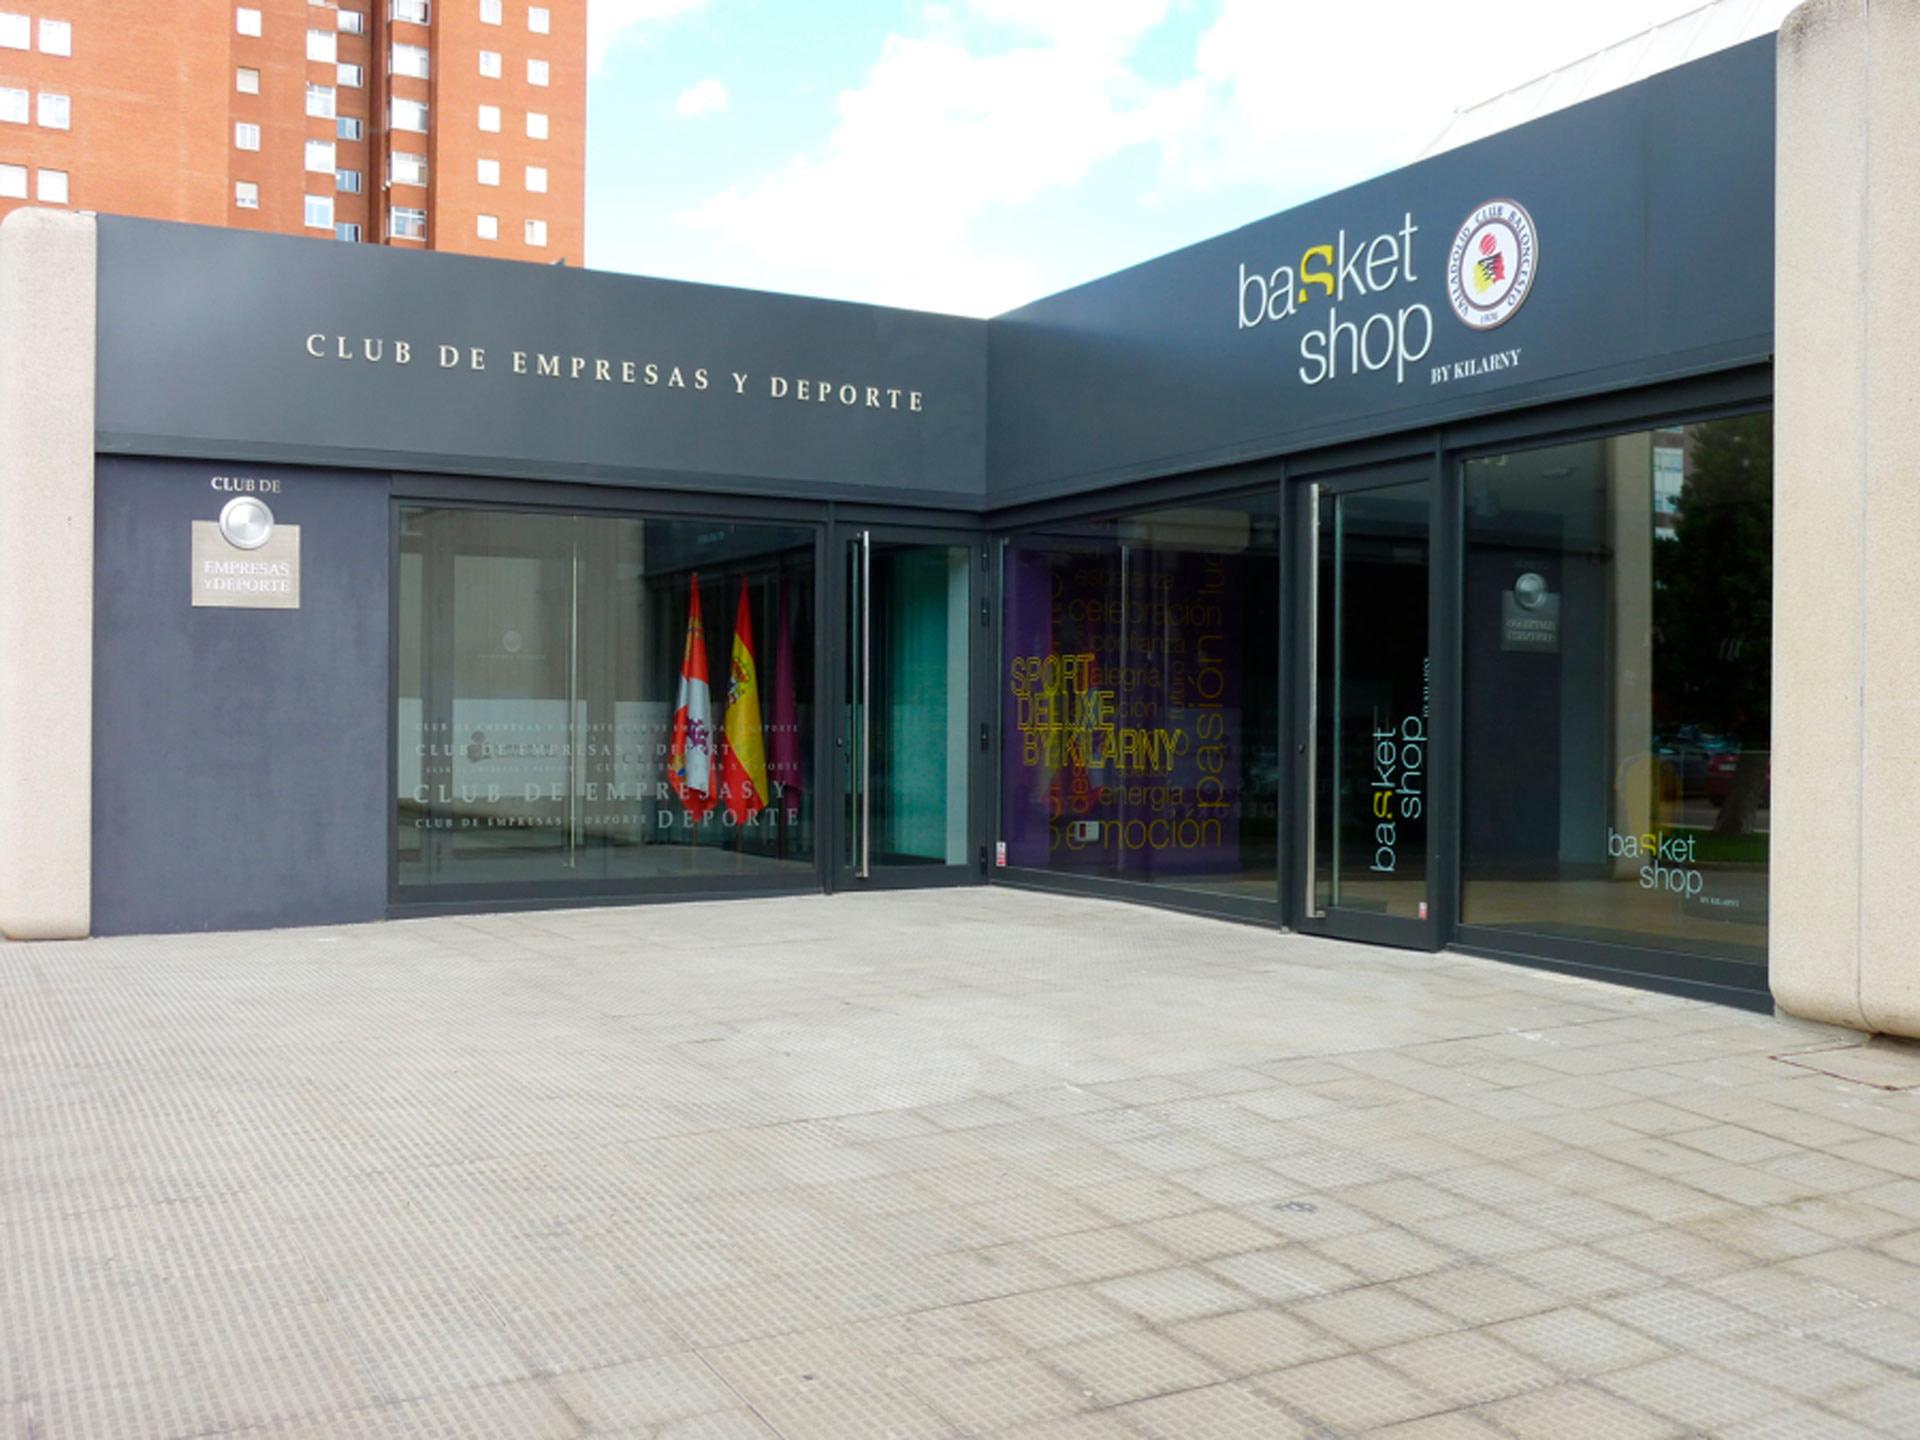 Fachada - Consultoria creativa - Plan estratégico - Club de Empresas y Deporte del Baloncesto Valladolid S.A.D.